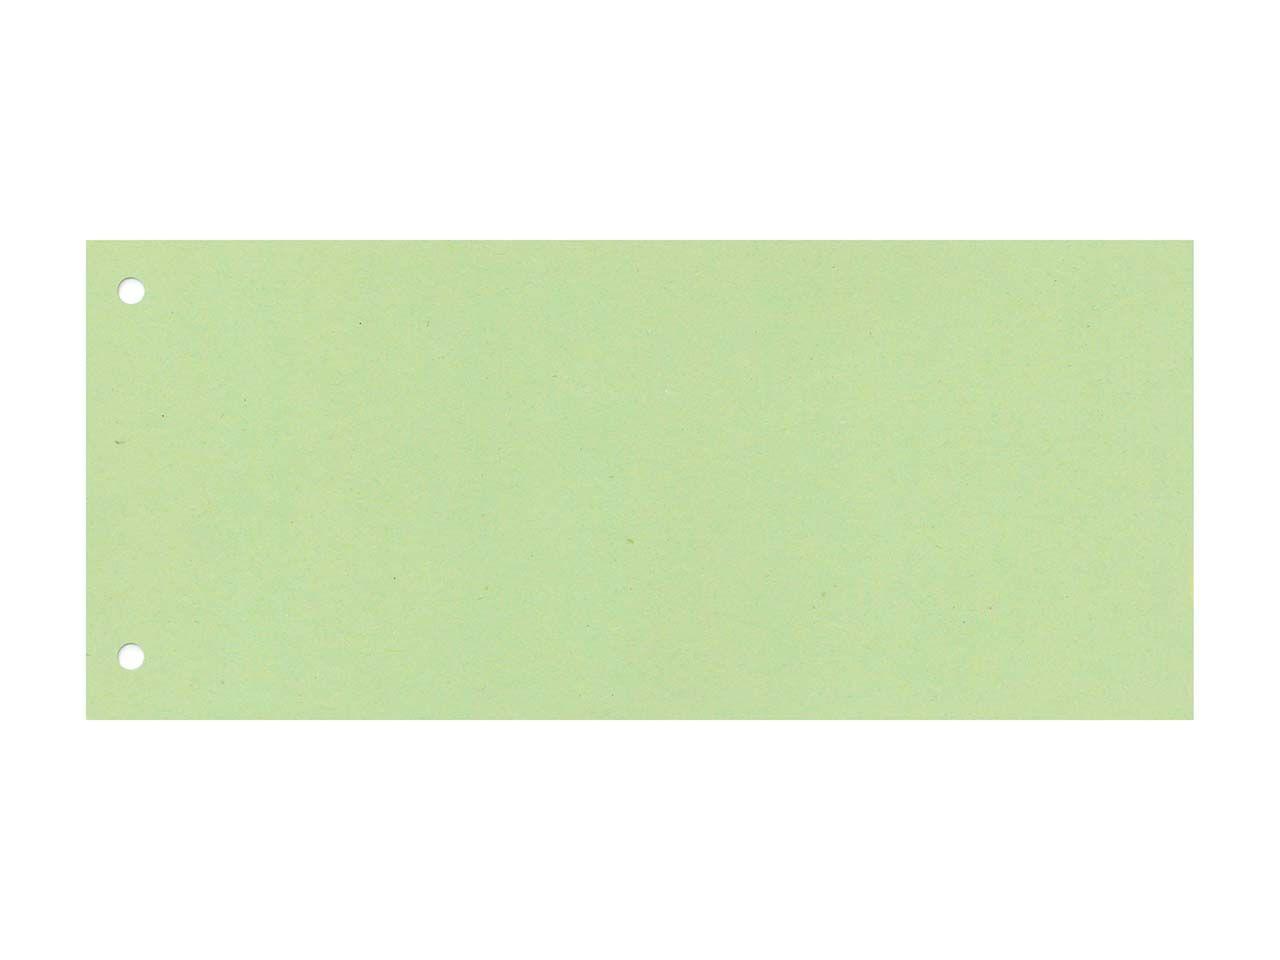 100 Trennstreifen grün 190 g/m² 50501